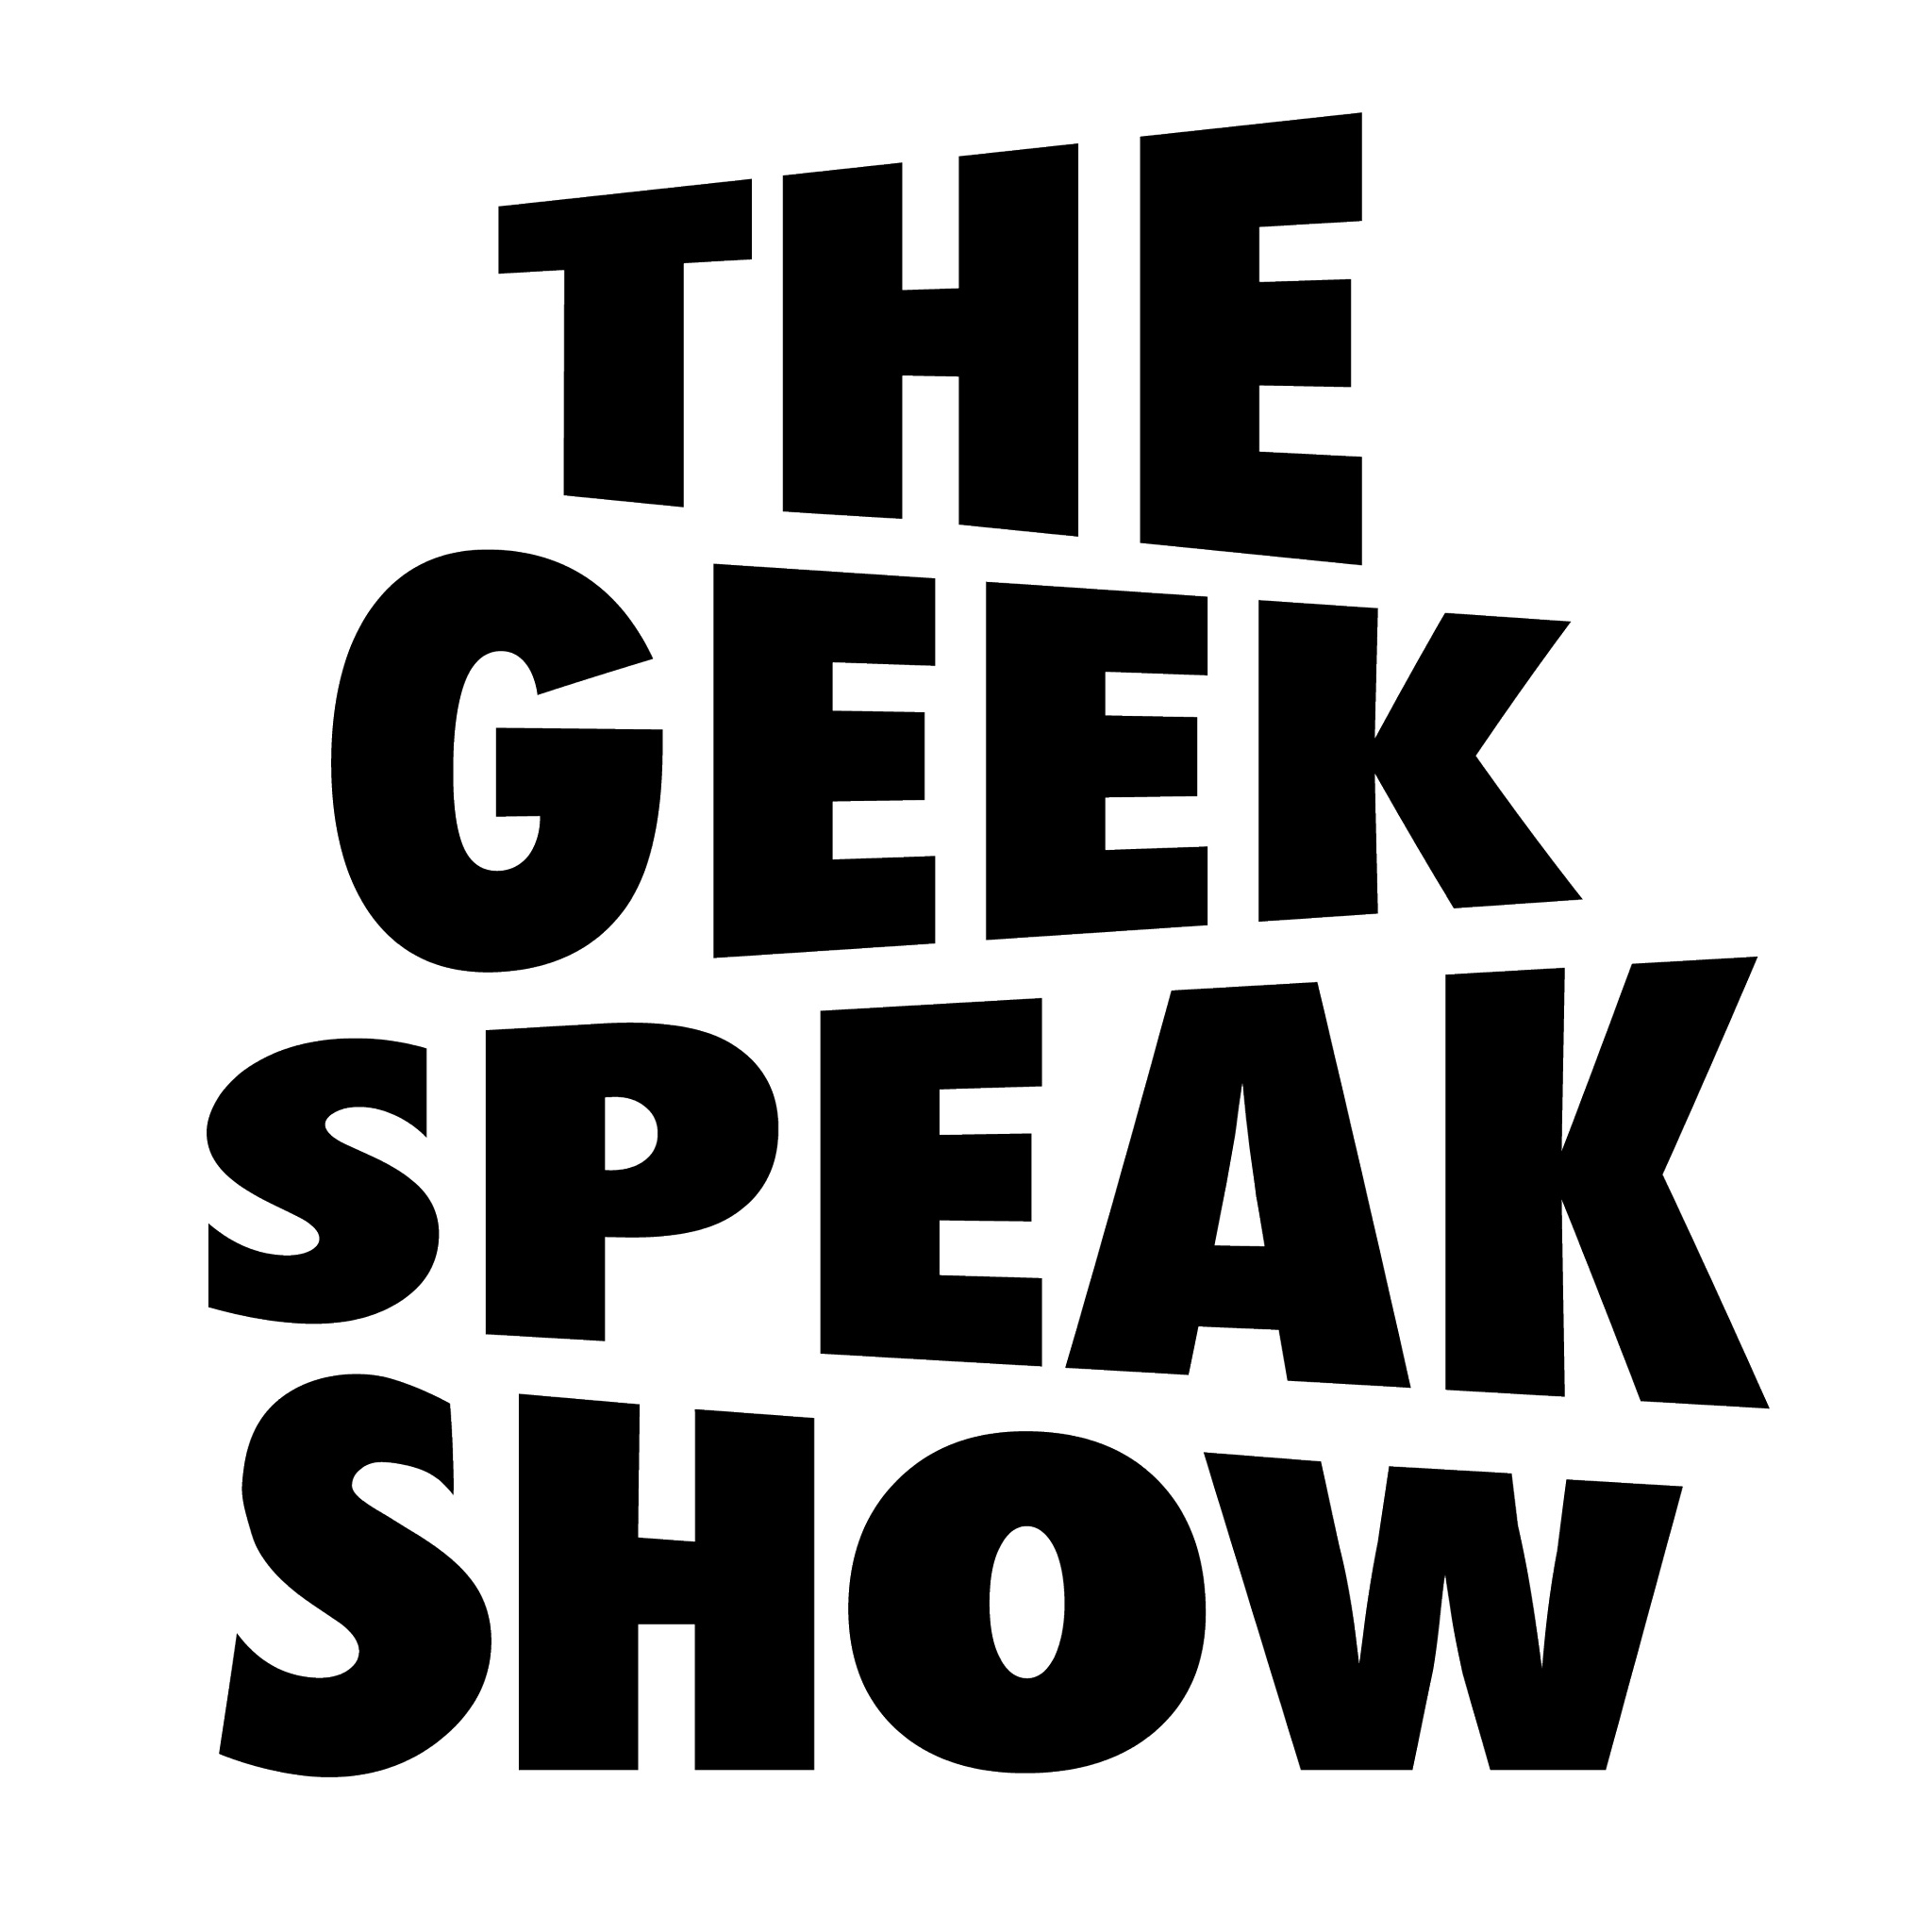 Geek-Speak-Show-black_2048x2048.jpg